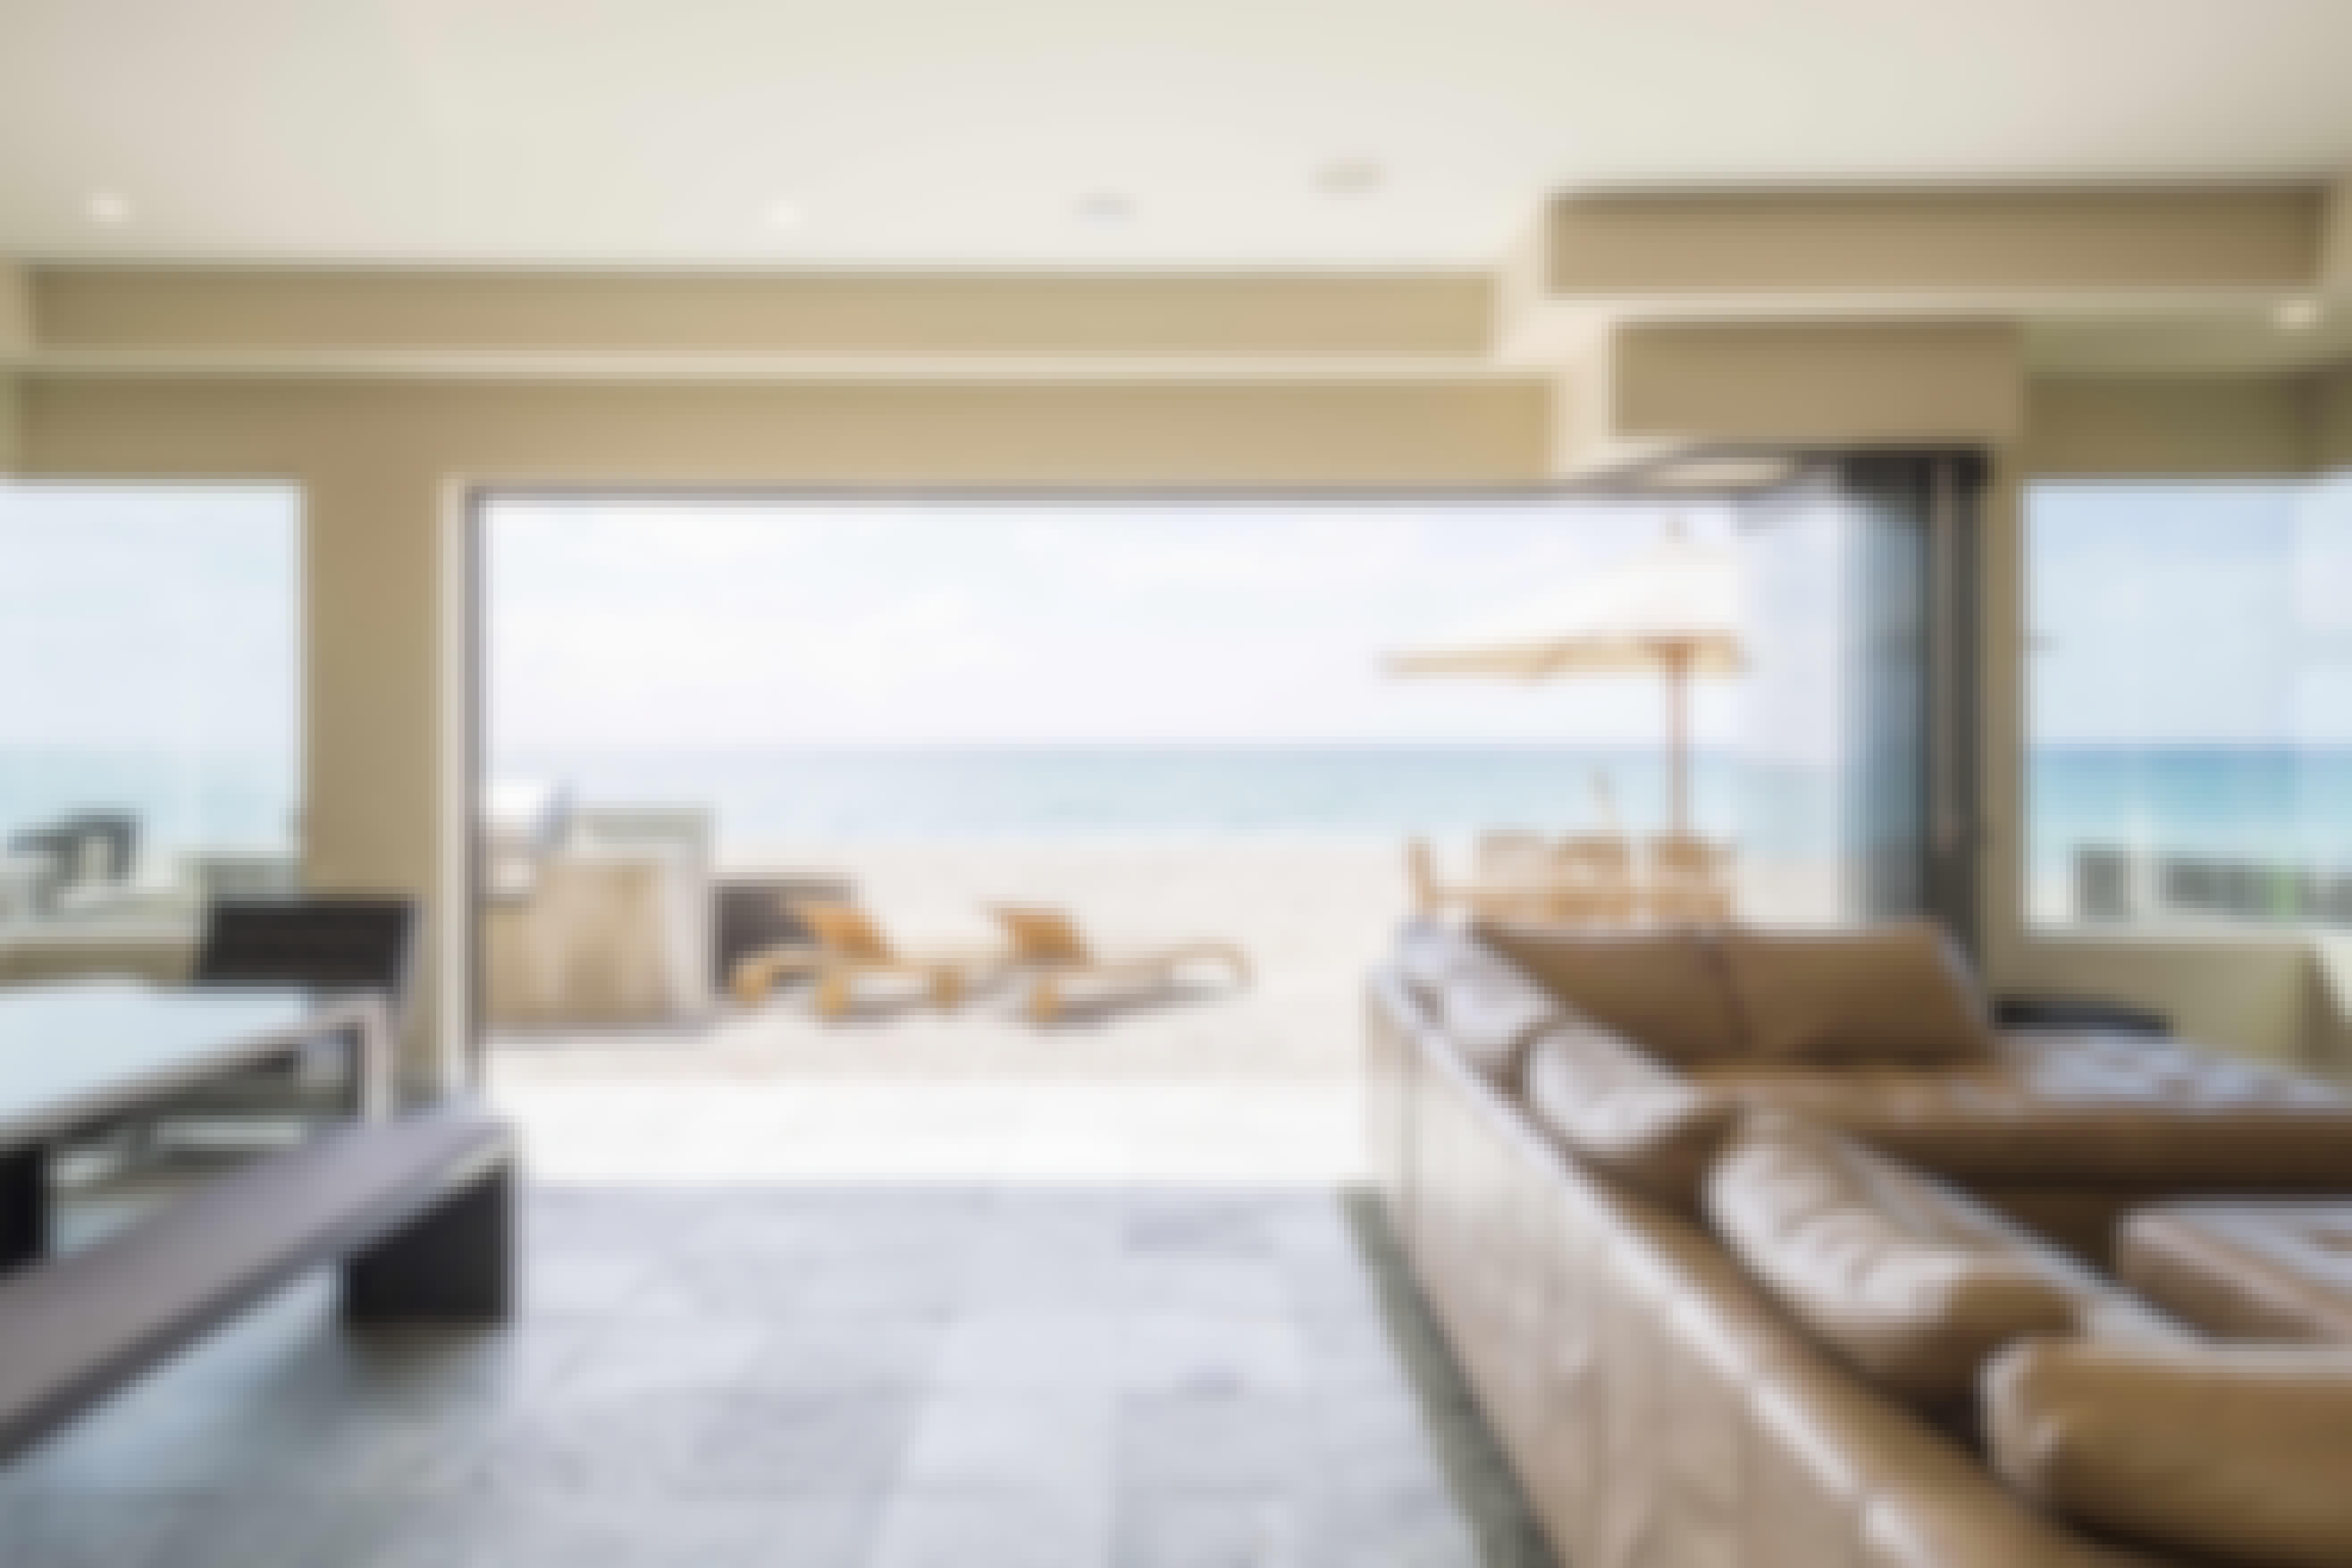 open-frameless-glass-wall-with-beach-access